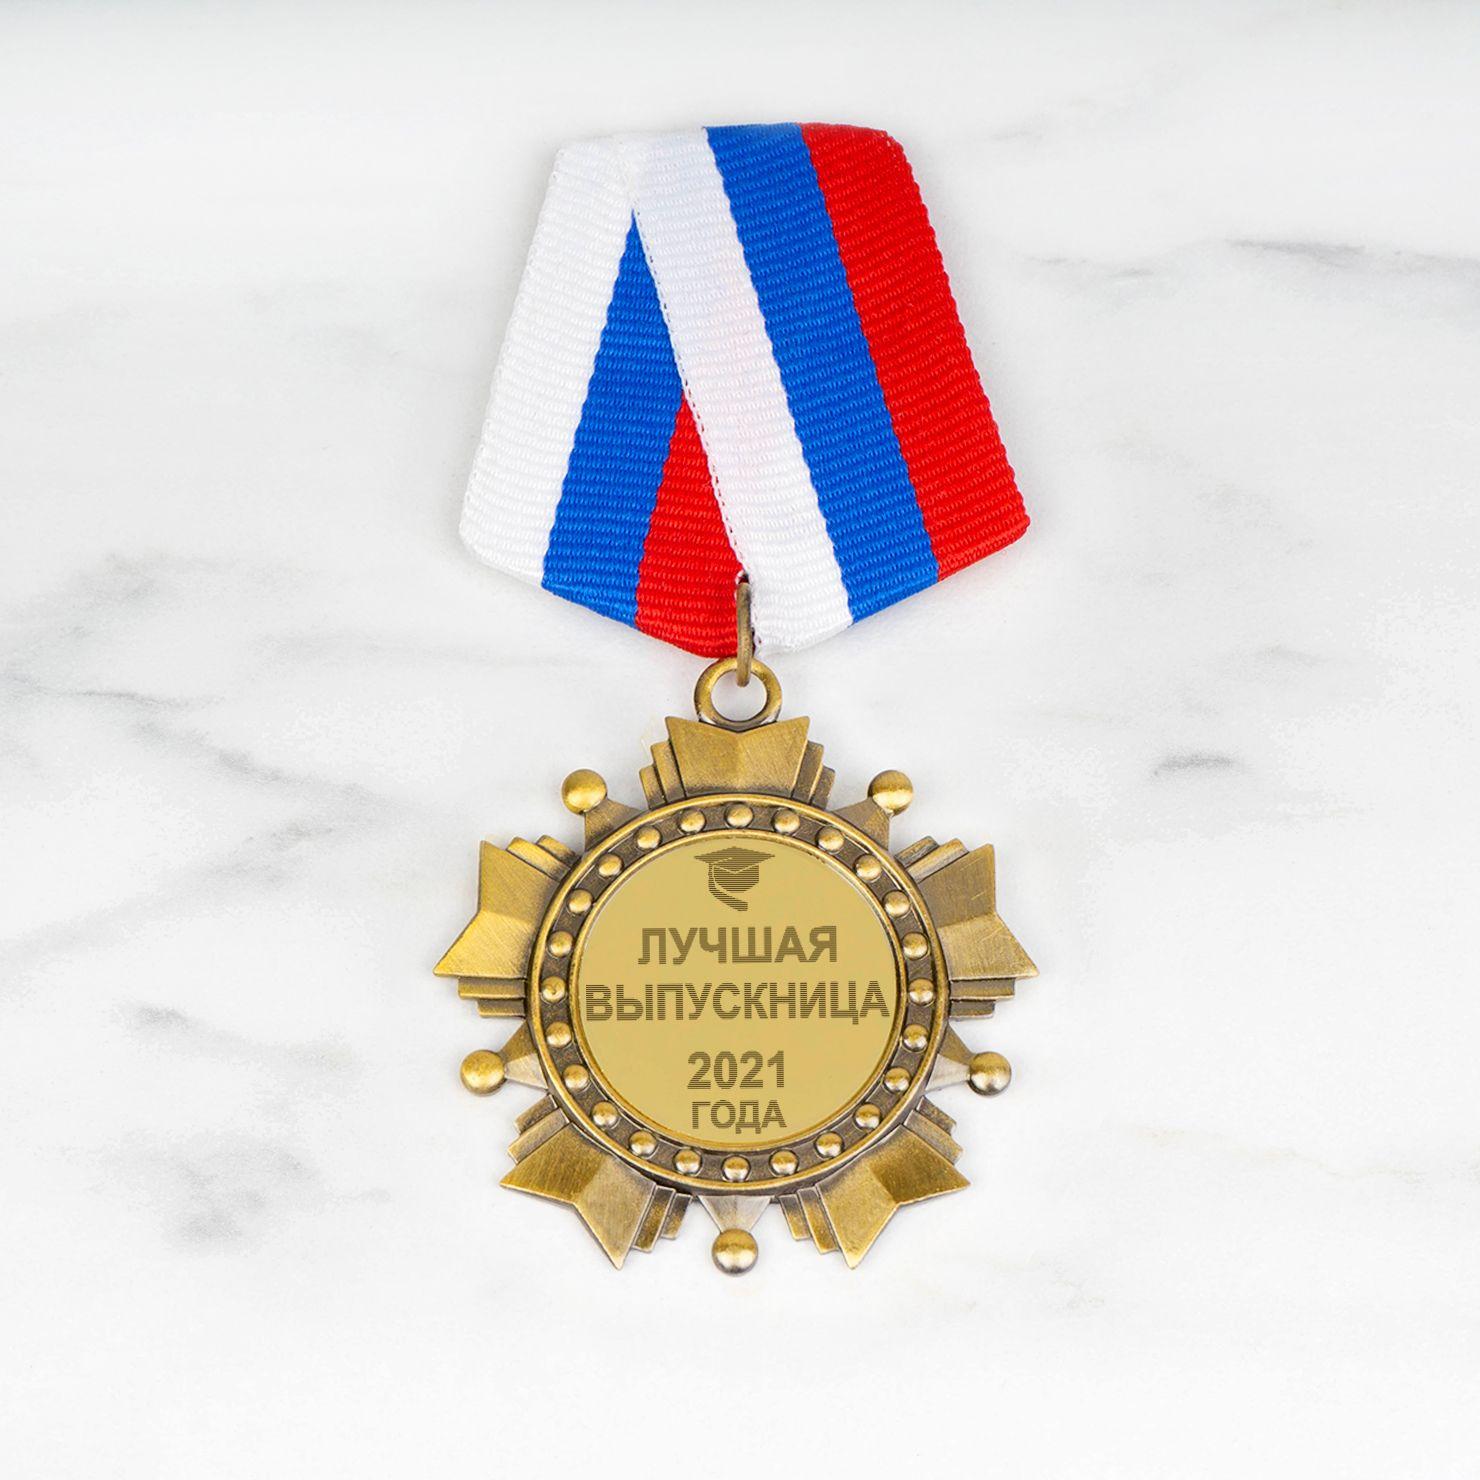 Орден *Лучшая выпускница 2021 года*